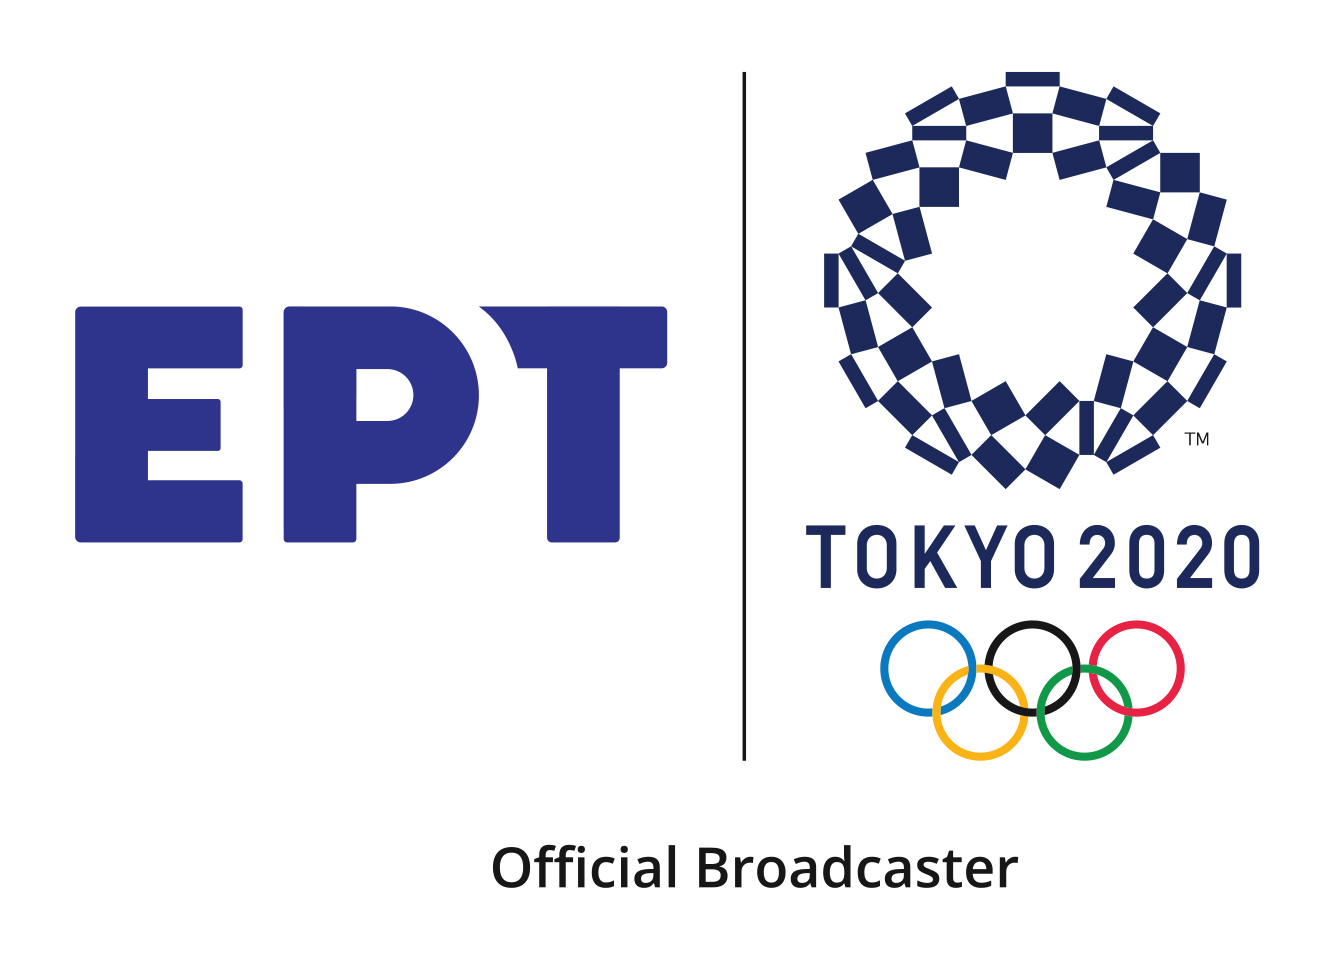 Ολυμπιακοί Αγώνες «Τόκιο 2020»: 600 ώρες προγράμματος από την ΕΡΤ